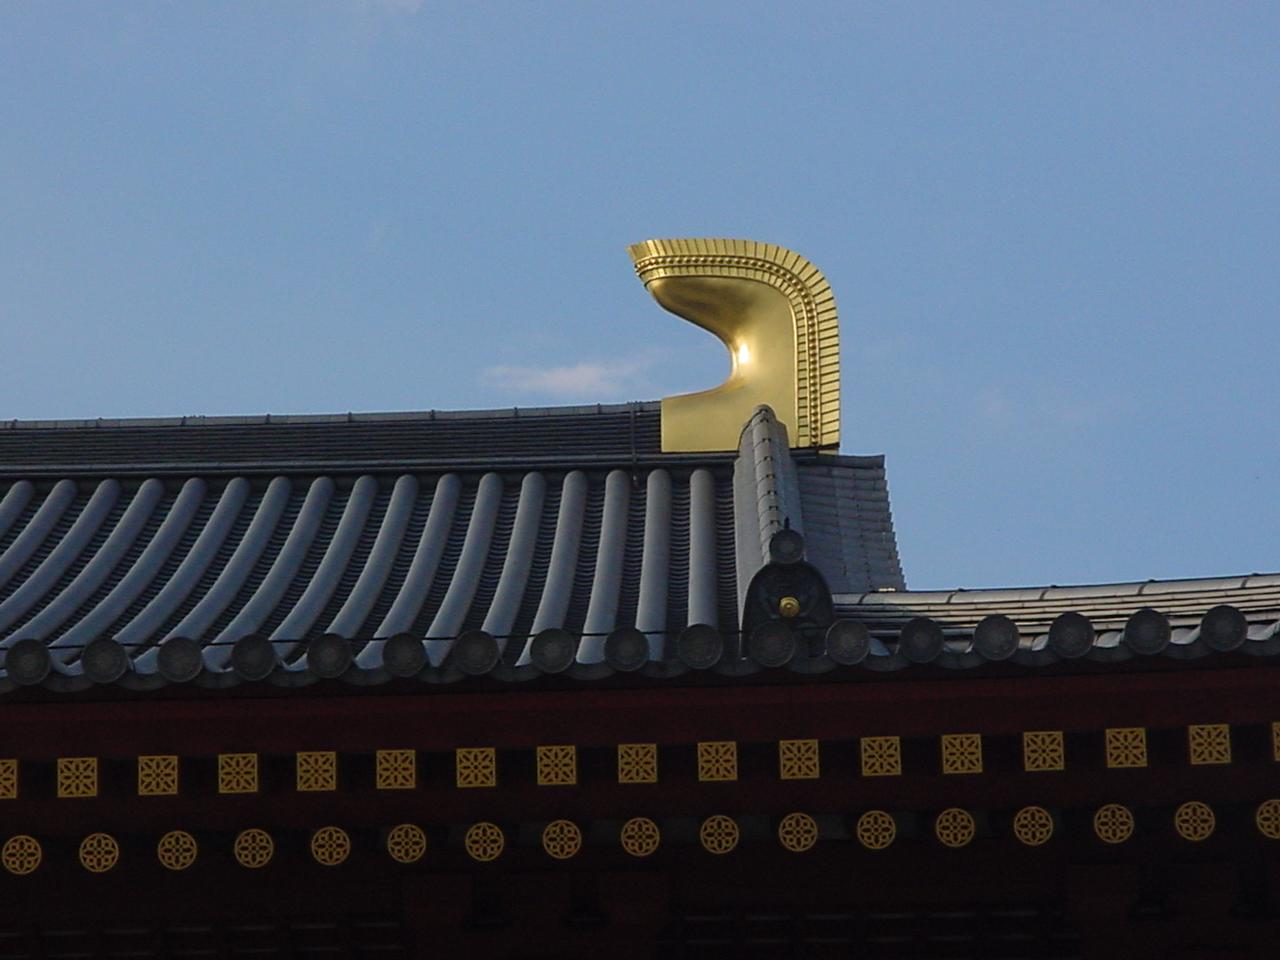 鴟尾(しび)のある屋根 : スタ...